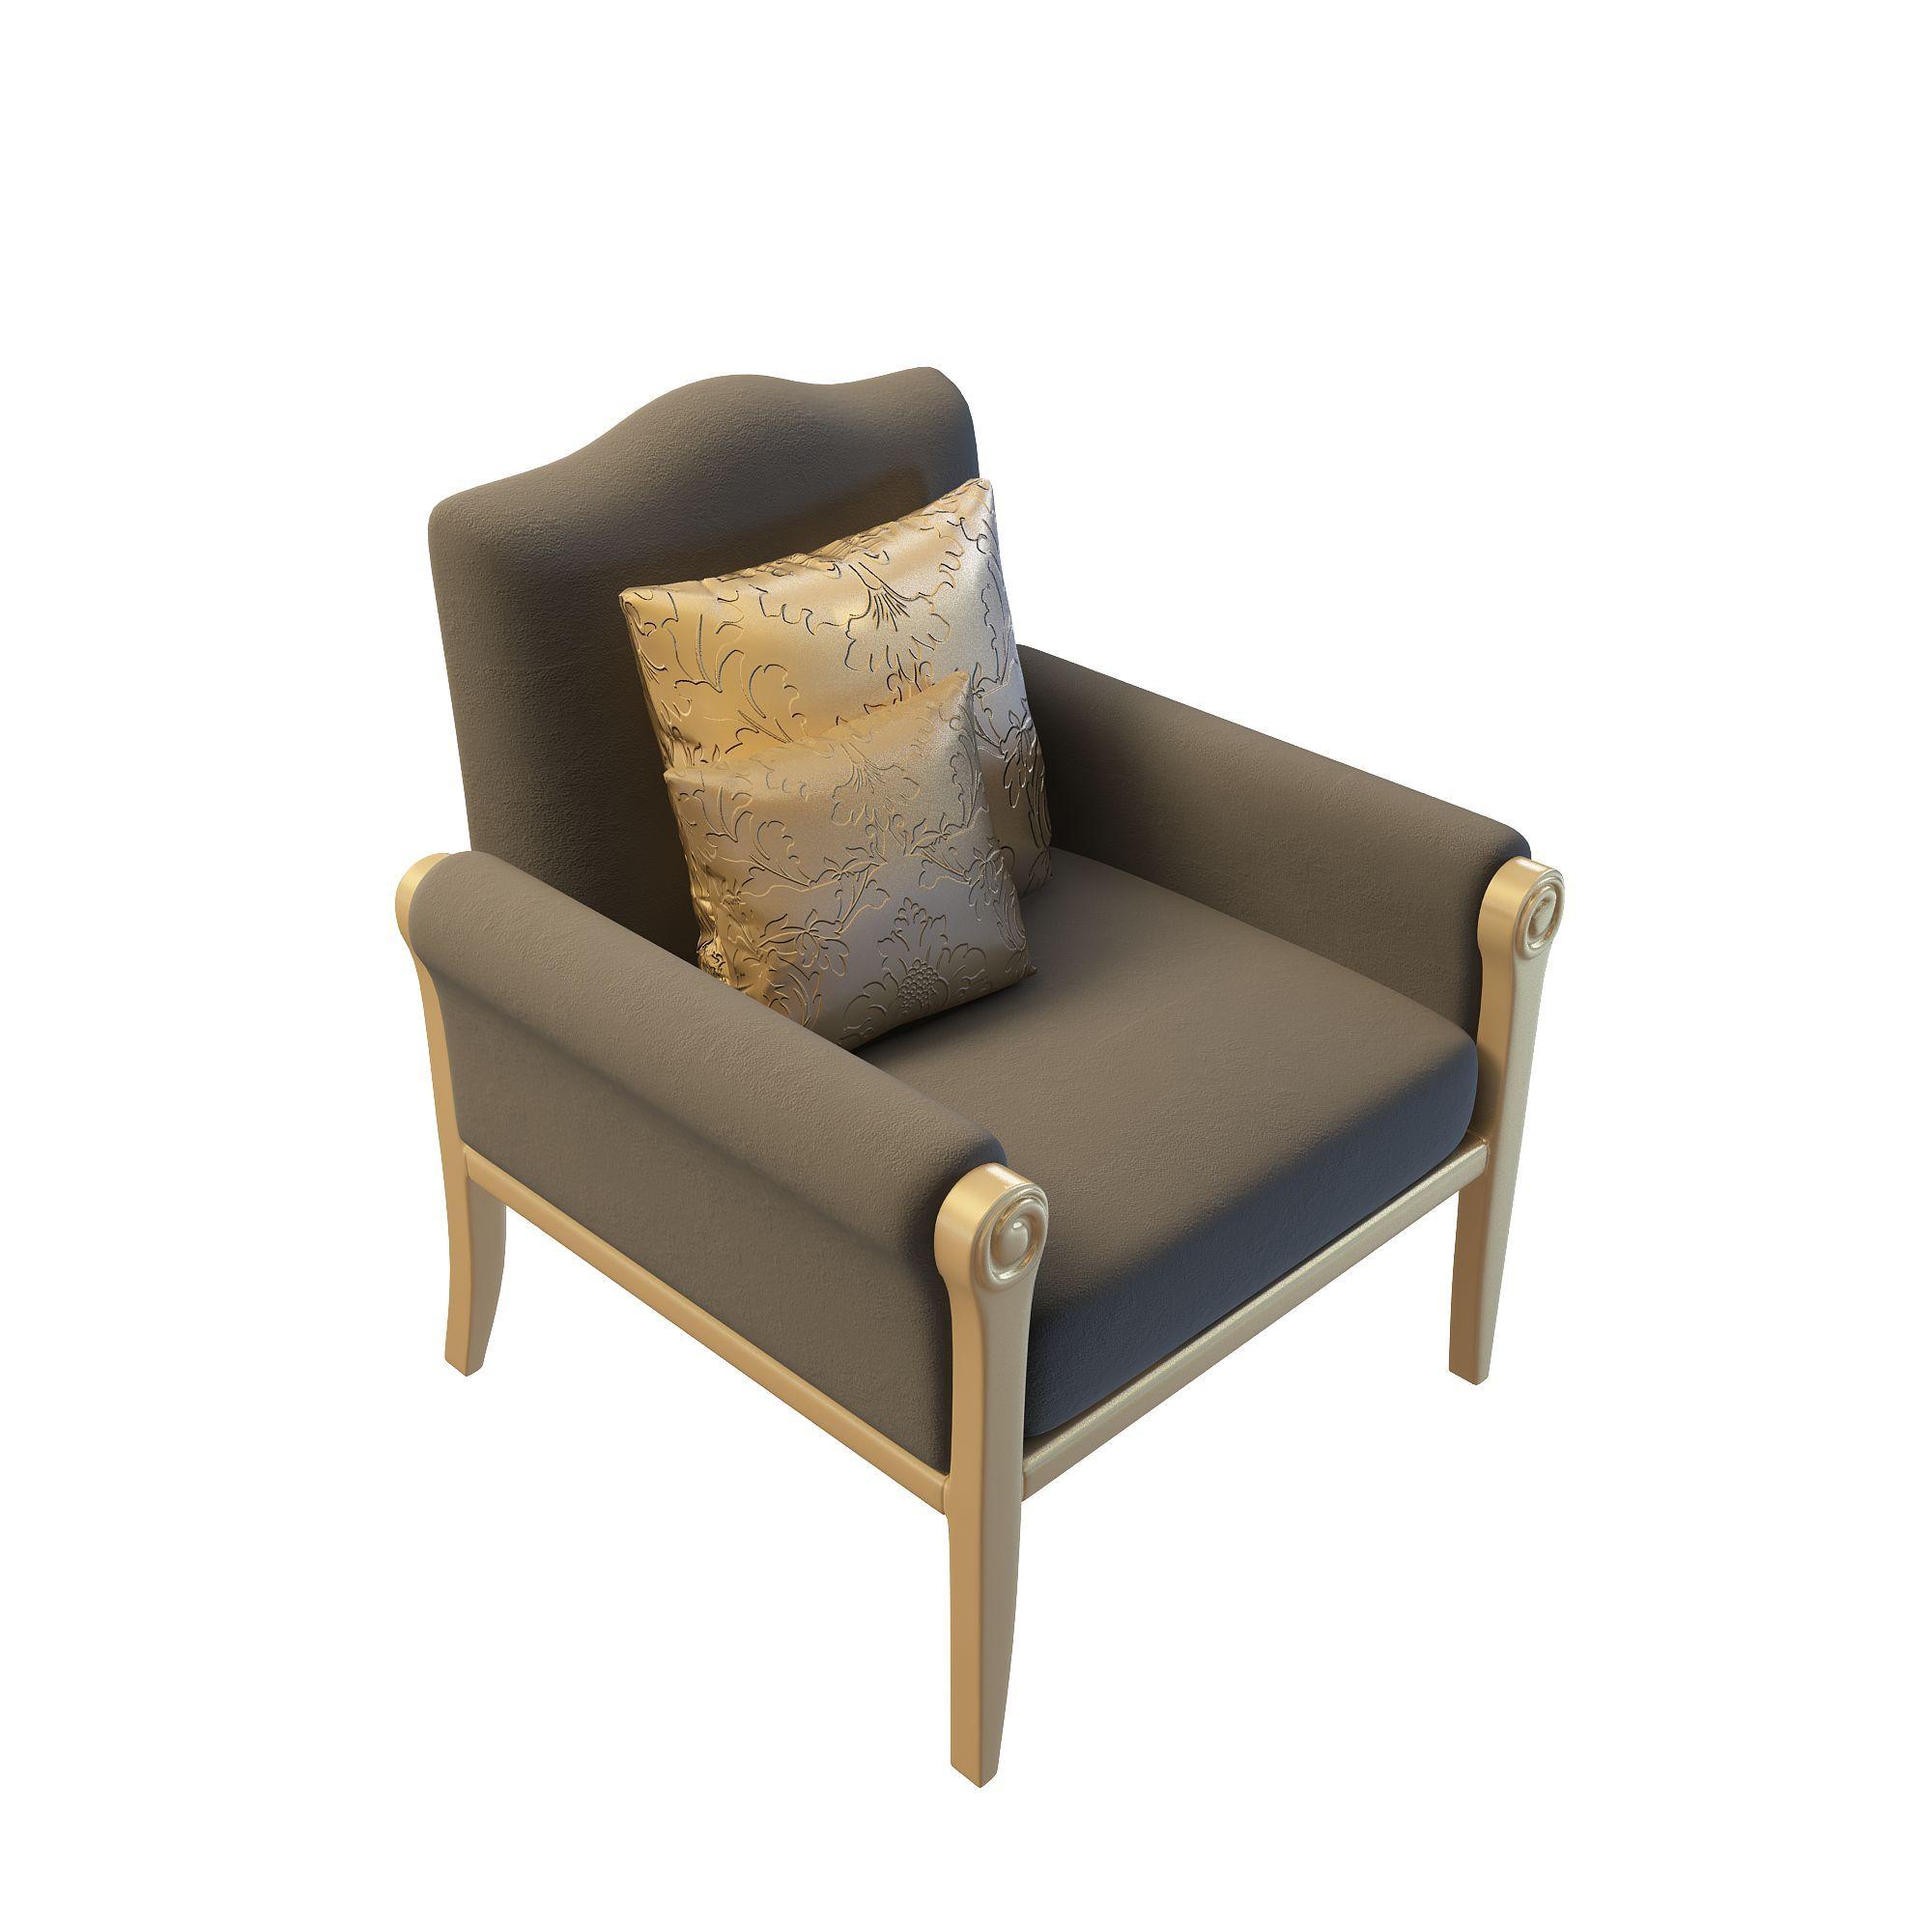 格式 png 风格 现代 上传时间 2014/09/20  关键词:欧式精美扶手椅3d